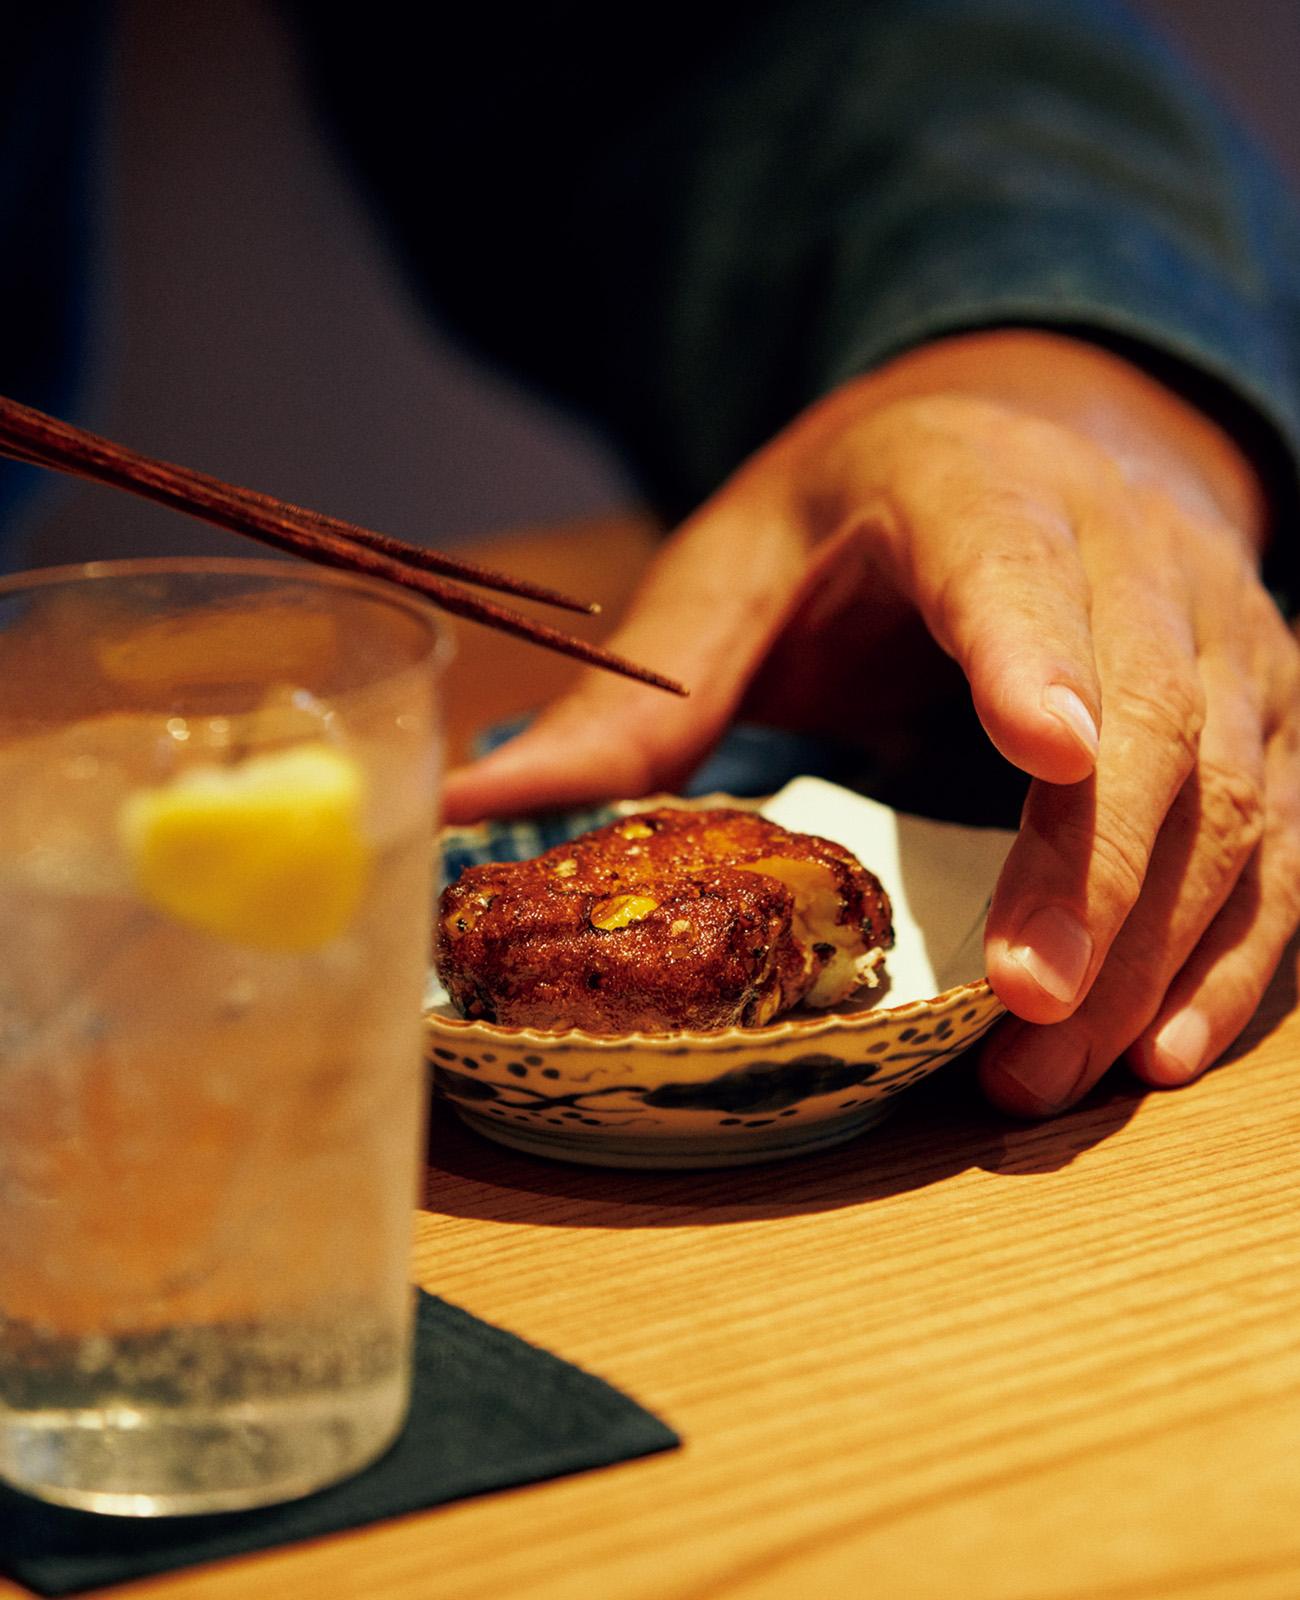 柿木さんは鹿児島出身。ゆえに、揚げたてのさつま揚げでスタート。